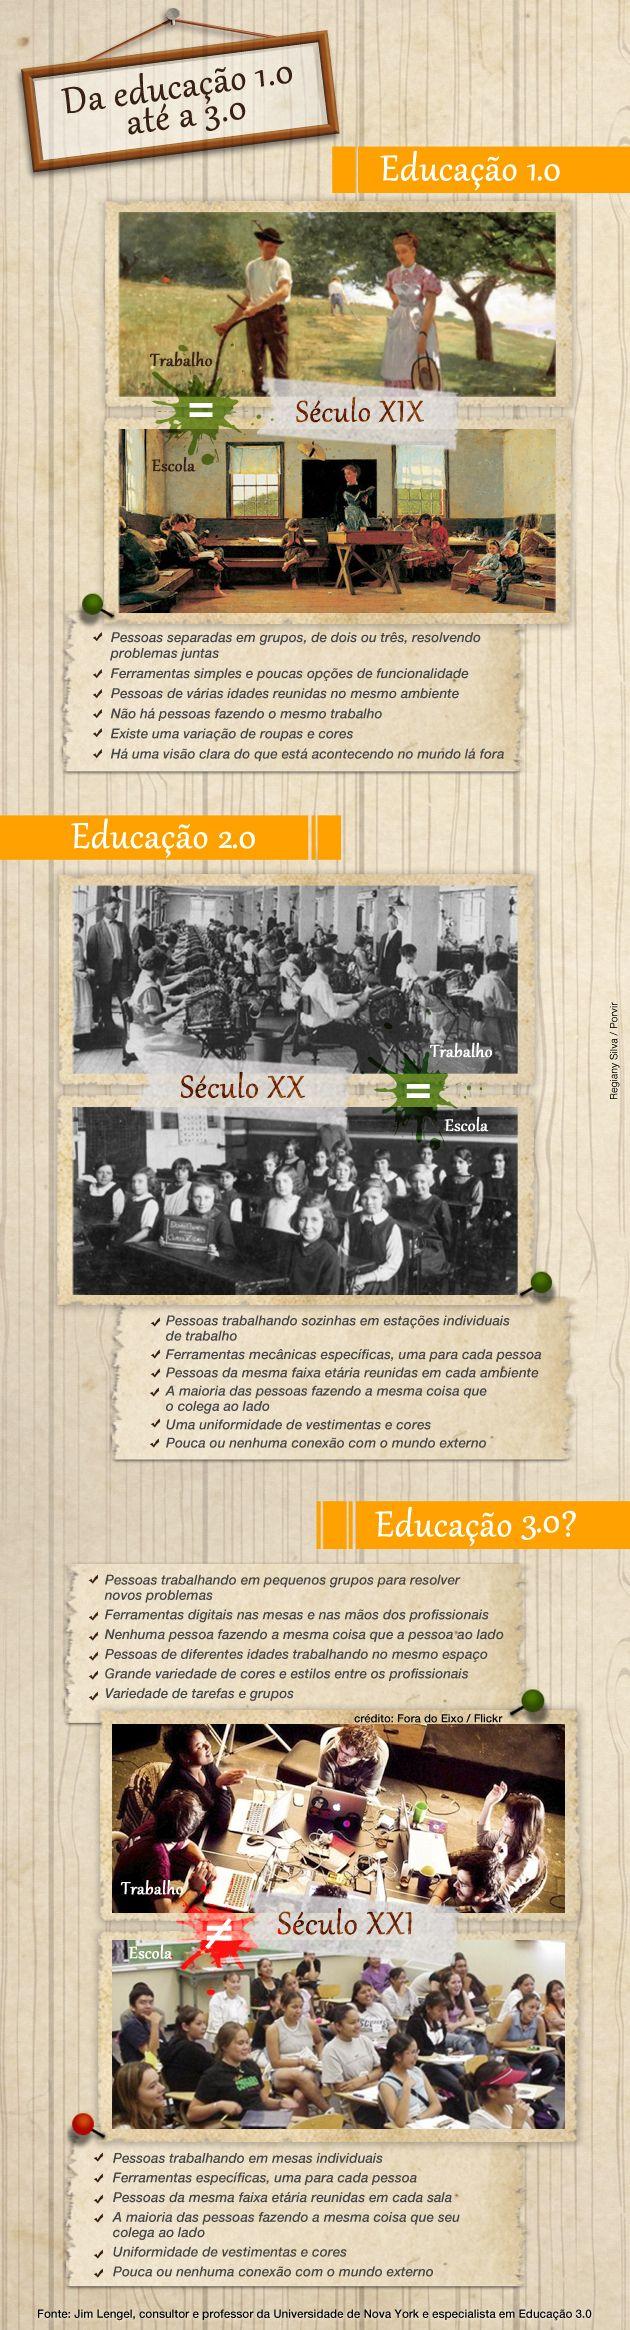 Educação 3.0: sala de aula X ambiente de trabalho